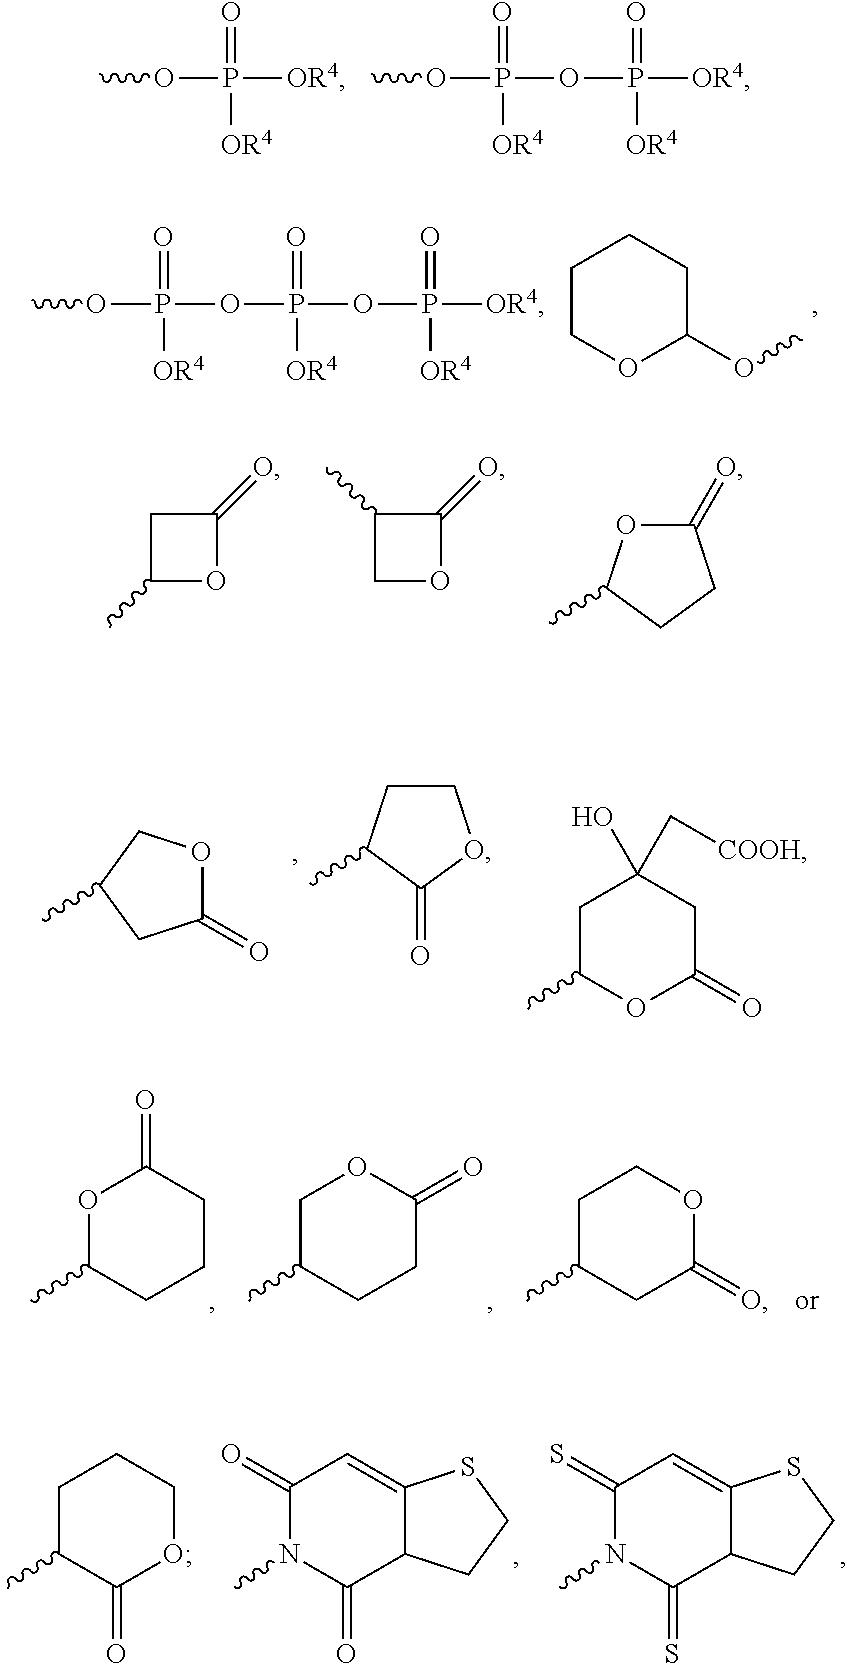 Figure US09662307-20170530-C00042